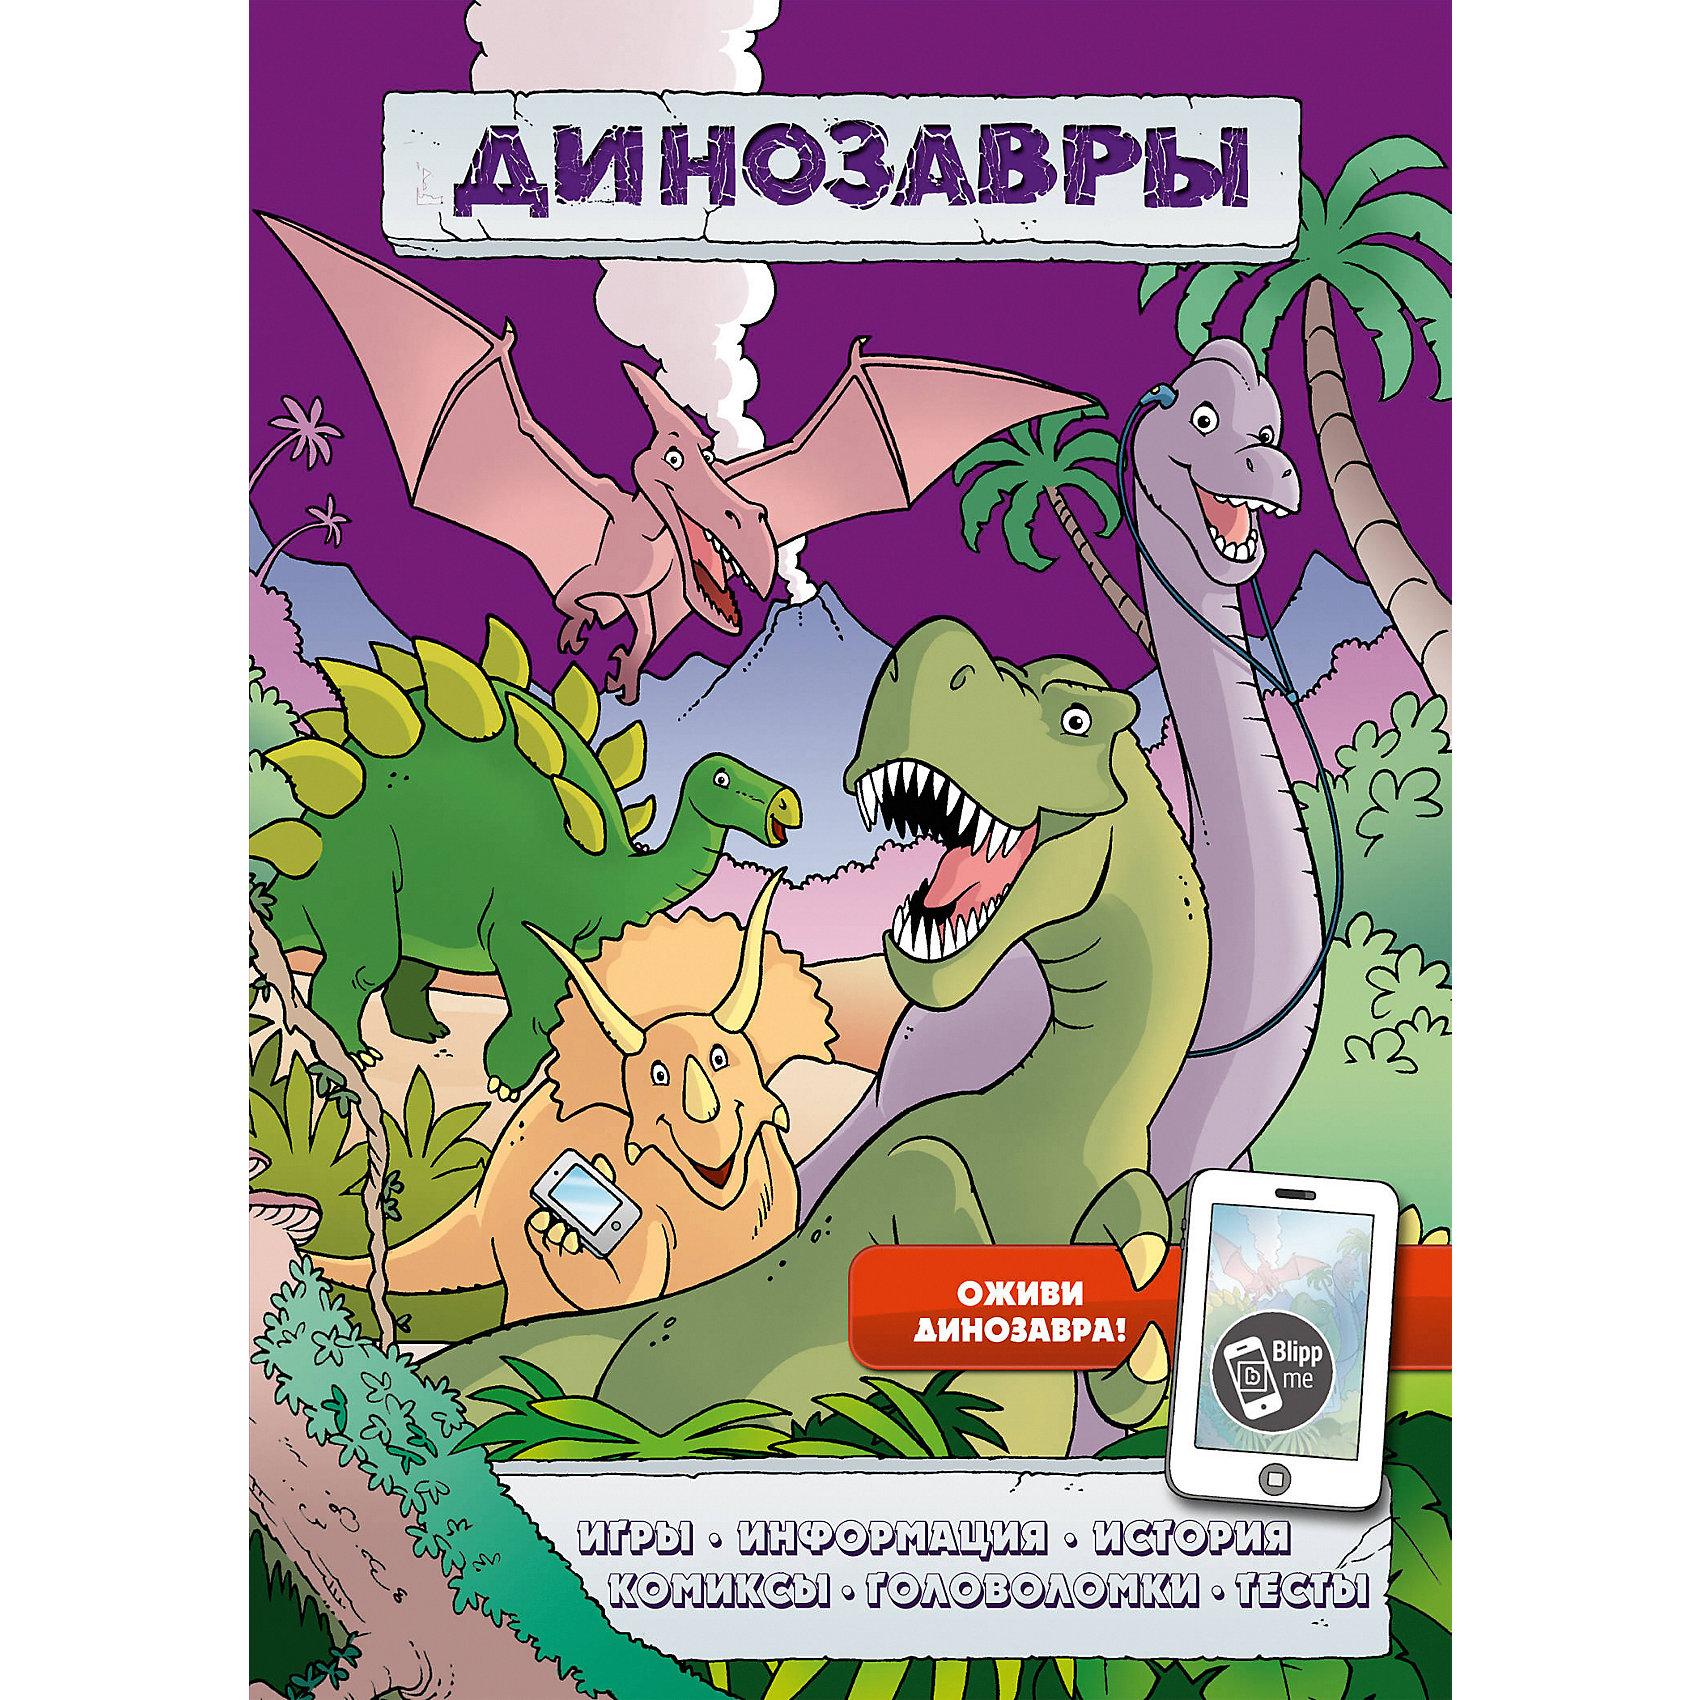 Игры, комиксы + дополненная реальность ДинозаврыЭксмо<br>На страницах этой книги тебя ожидает много всего интересного - и всё это связано с динозаврами! Игры, комиксы, головоломки, множество удивительных фактов, шутки, тесты и невероятно смешная история о приключениях команды Супер-дино!<br>А чтобы знакомство с динозаврами было еще веселее, загрузи на смартфон или планшет бесплатное приложение Blippar, просканируй камерой обложку книги - и вот ты уже рядом с доисторическими гигантами! Кроме того, ты сможешь загрузить, распечатать и раскрасить потрясающие картинки. А самое главное - дополненная реальность позволит тебе сделать УНИКАЛЬНОЕ СЕЛФИ С ТИРАННОЗАВРОМ и поделиться им с друзьями в сети!<br><br>Ширина мм: 300<br>Глубина мм: 210<br>Высота мм: 9999<br>Вес г: 161<br>Возраст от месяцев: 84<br>Возраст до месяцев: 120<br>Пол: Унисекс<br>Возраст: Детский<br>SKU: 6878192